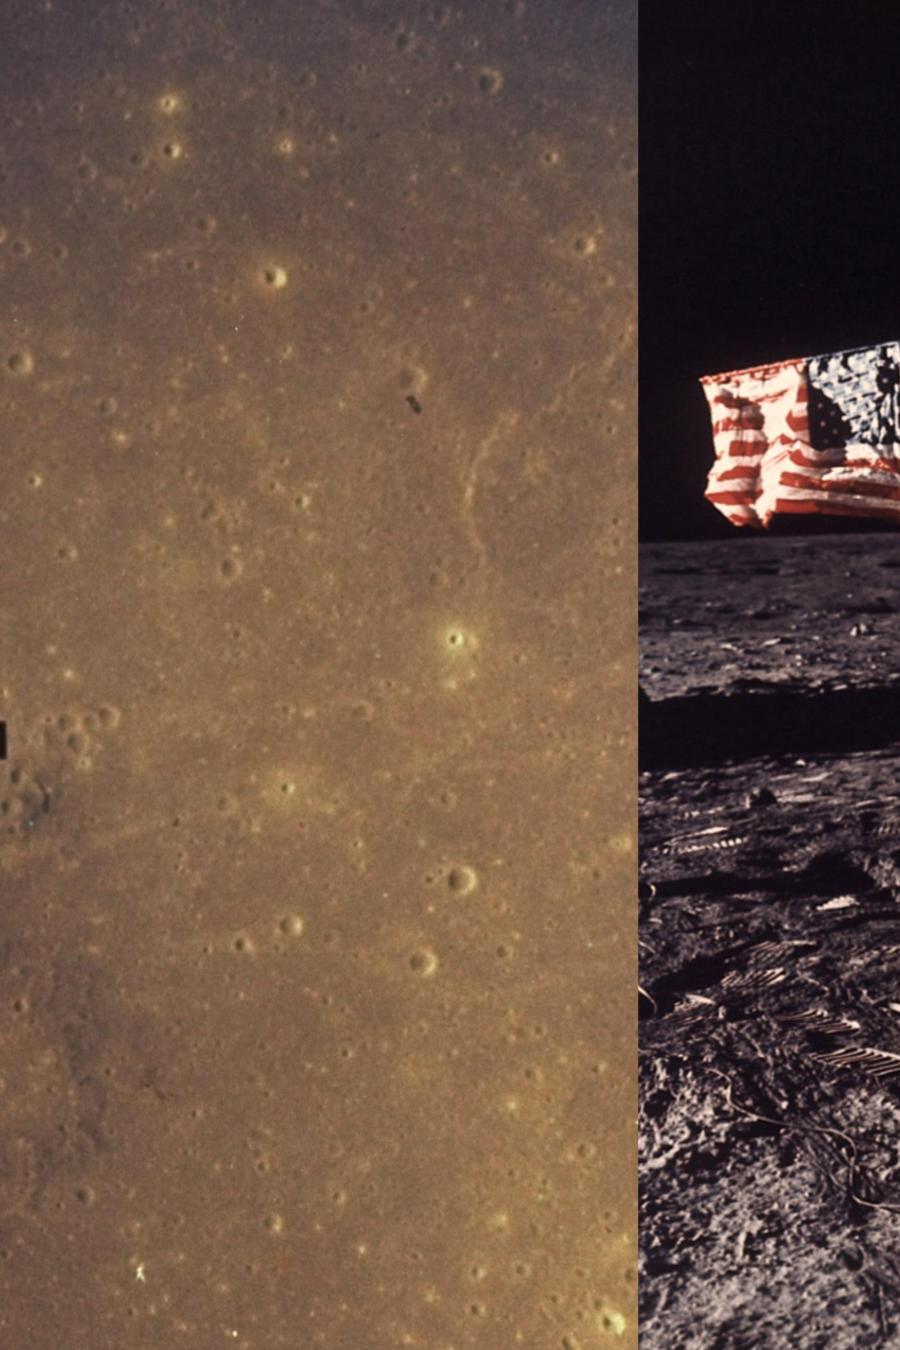 Imagen del descenso de la sonda hacia la Luna y de Aldrin sobre la superficie.